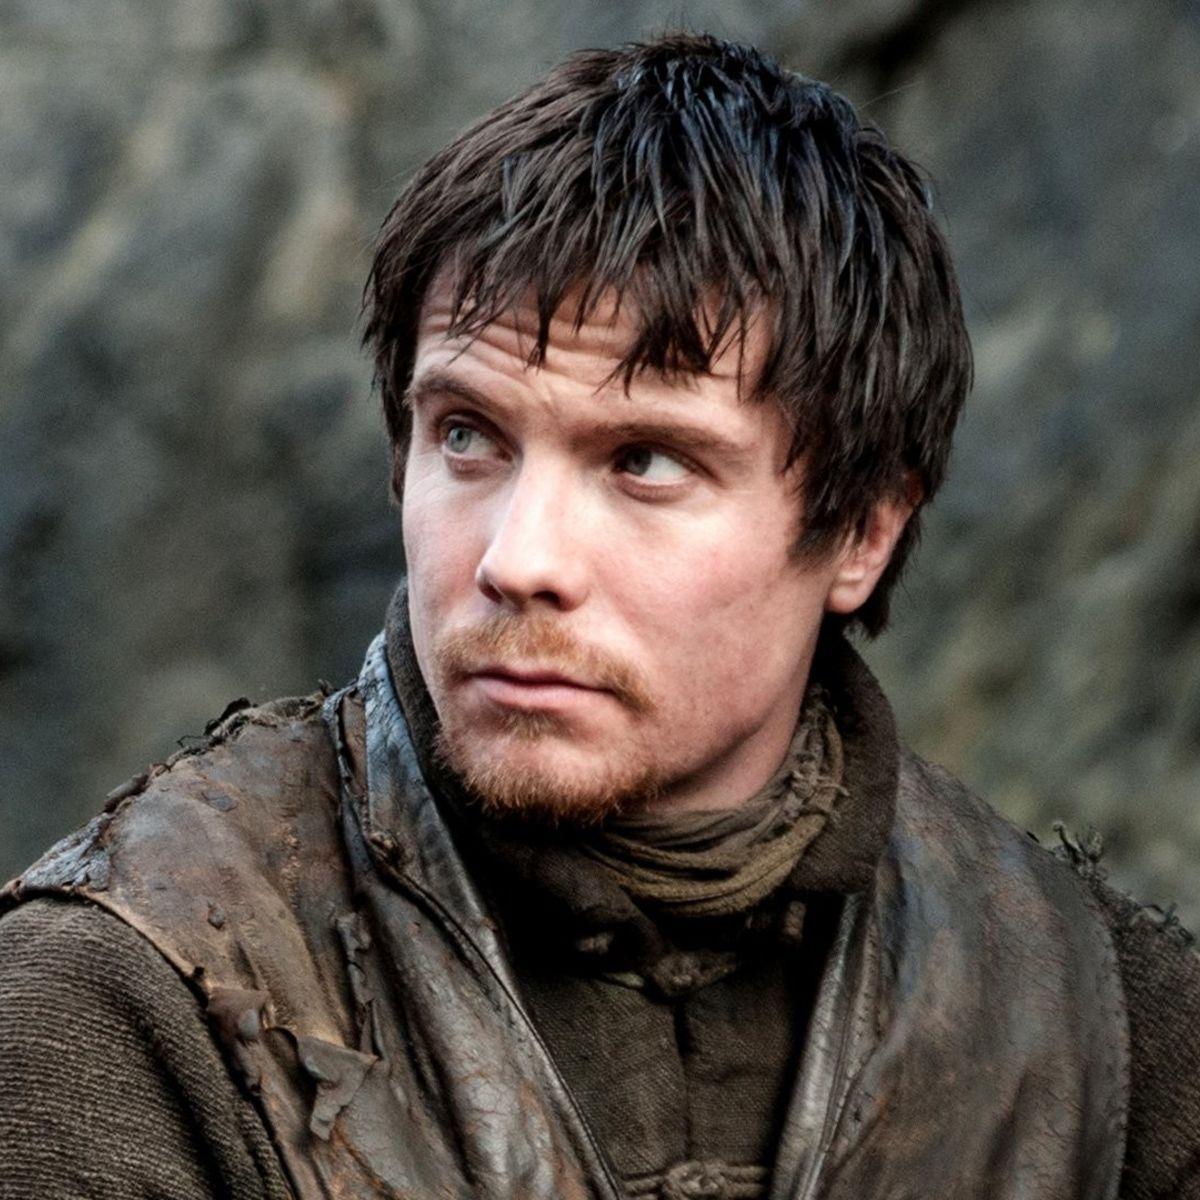 Game of Thrones - Joe Dempsie as Gendry